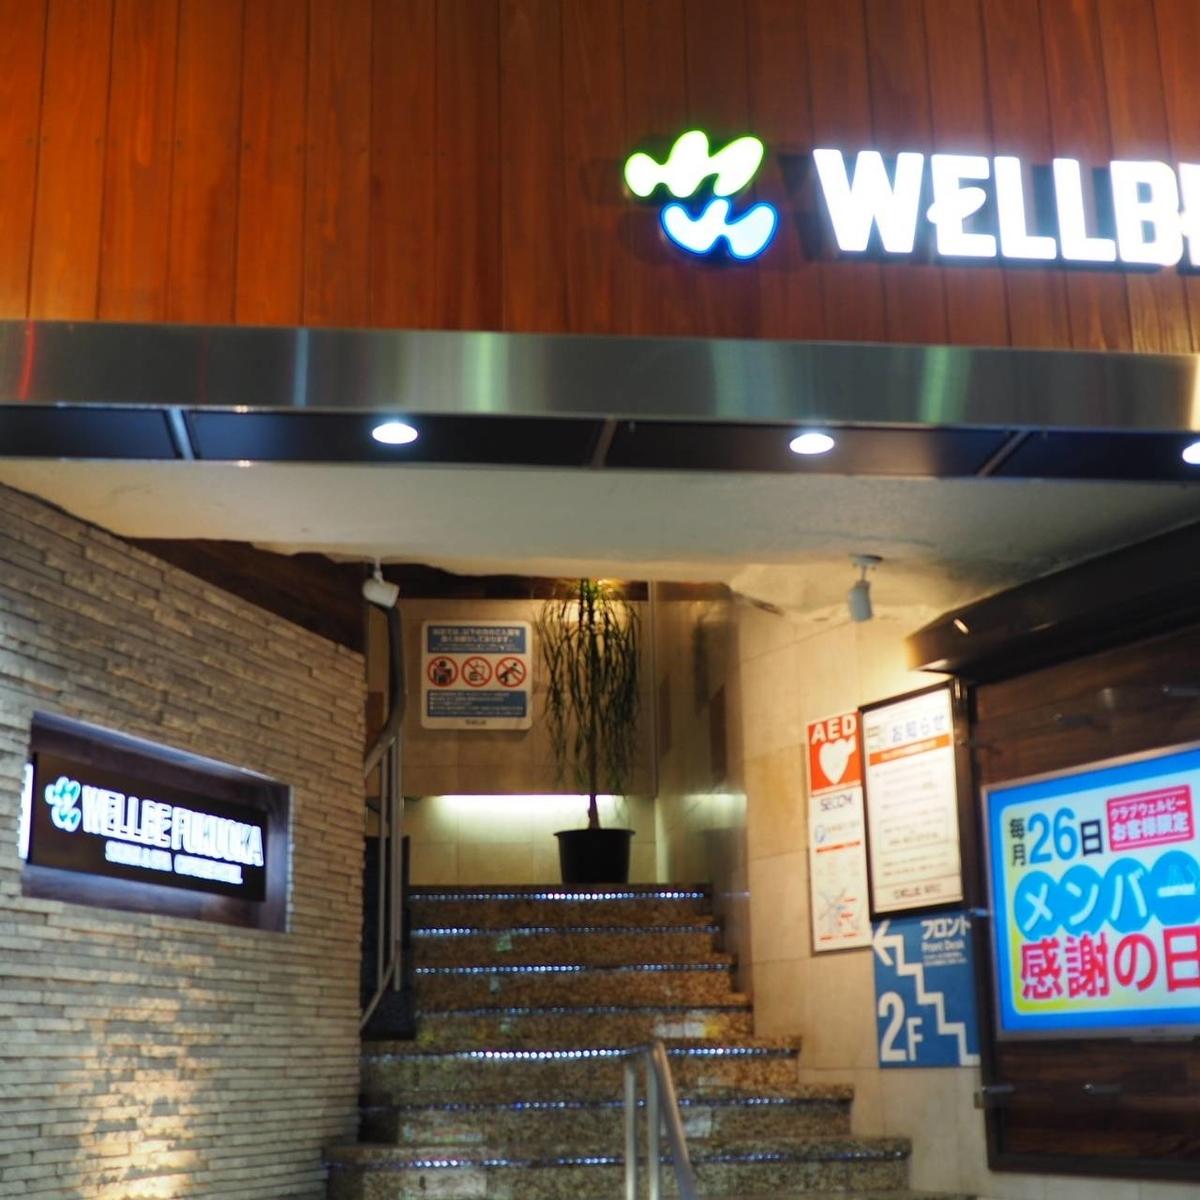 ウェルビー福岡の入り口